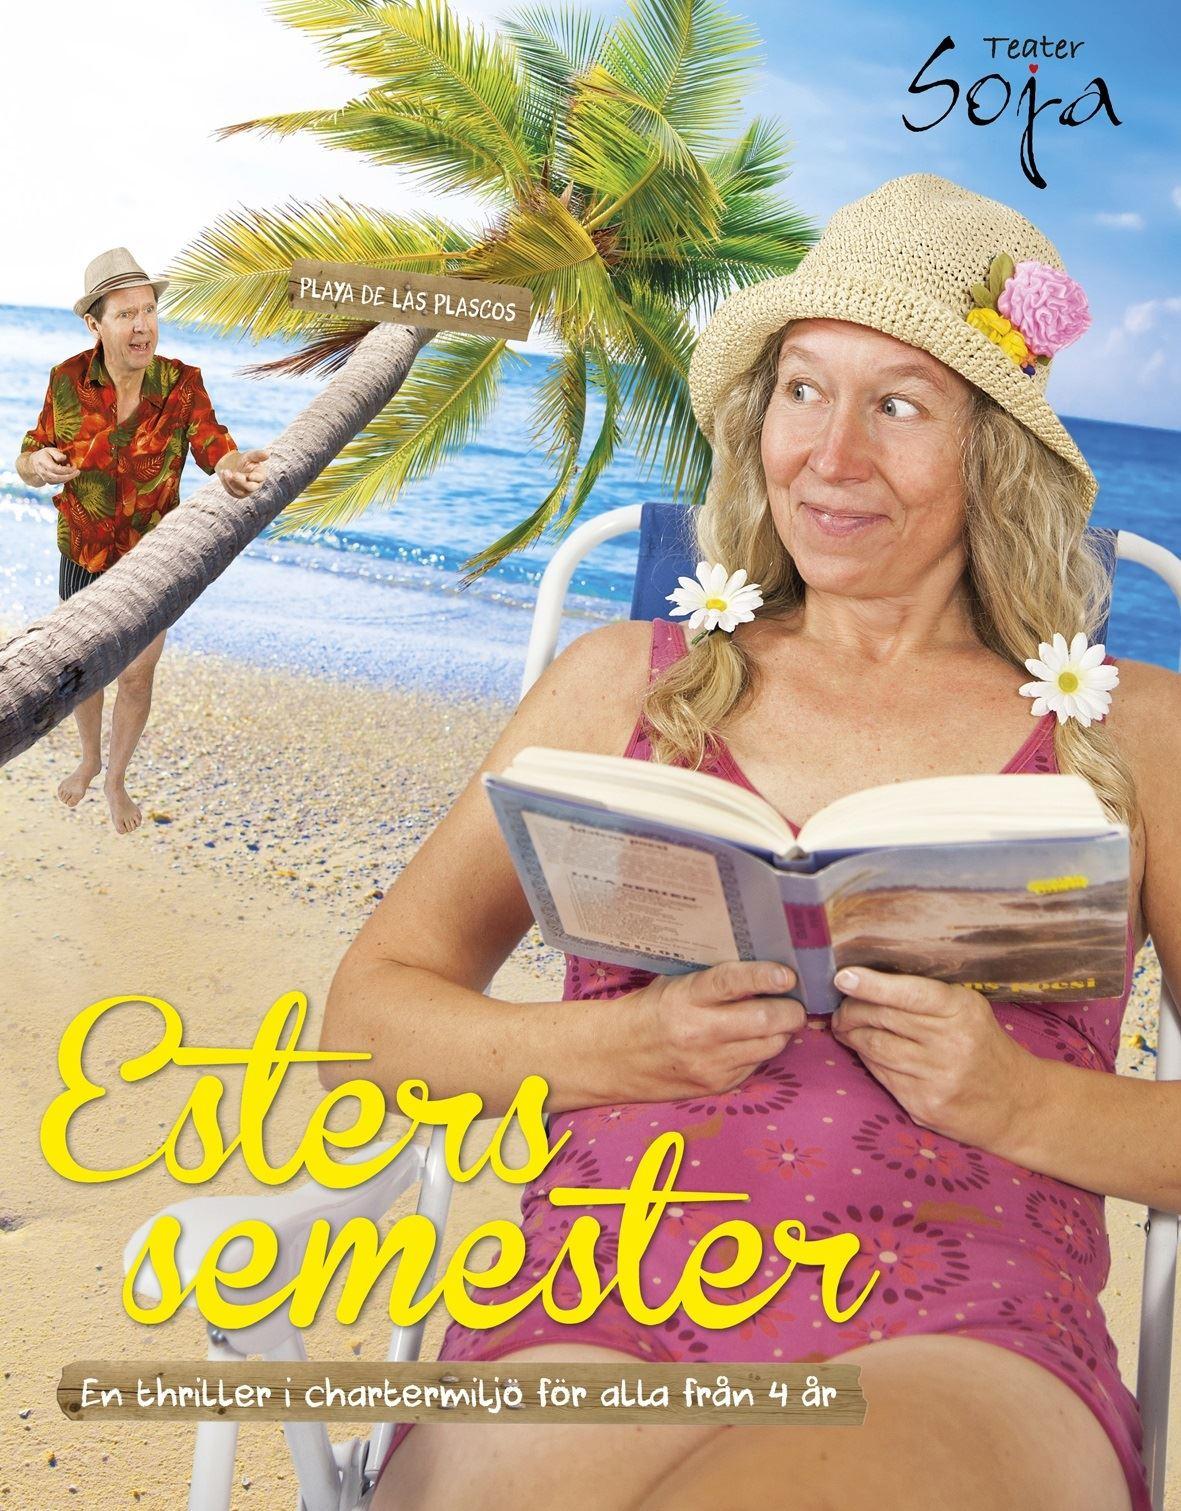 Teater - Esters semester